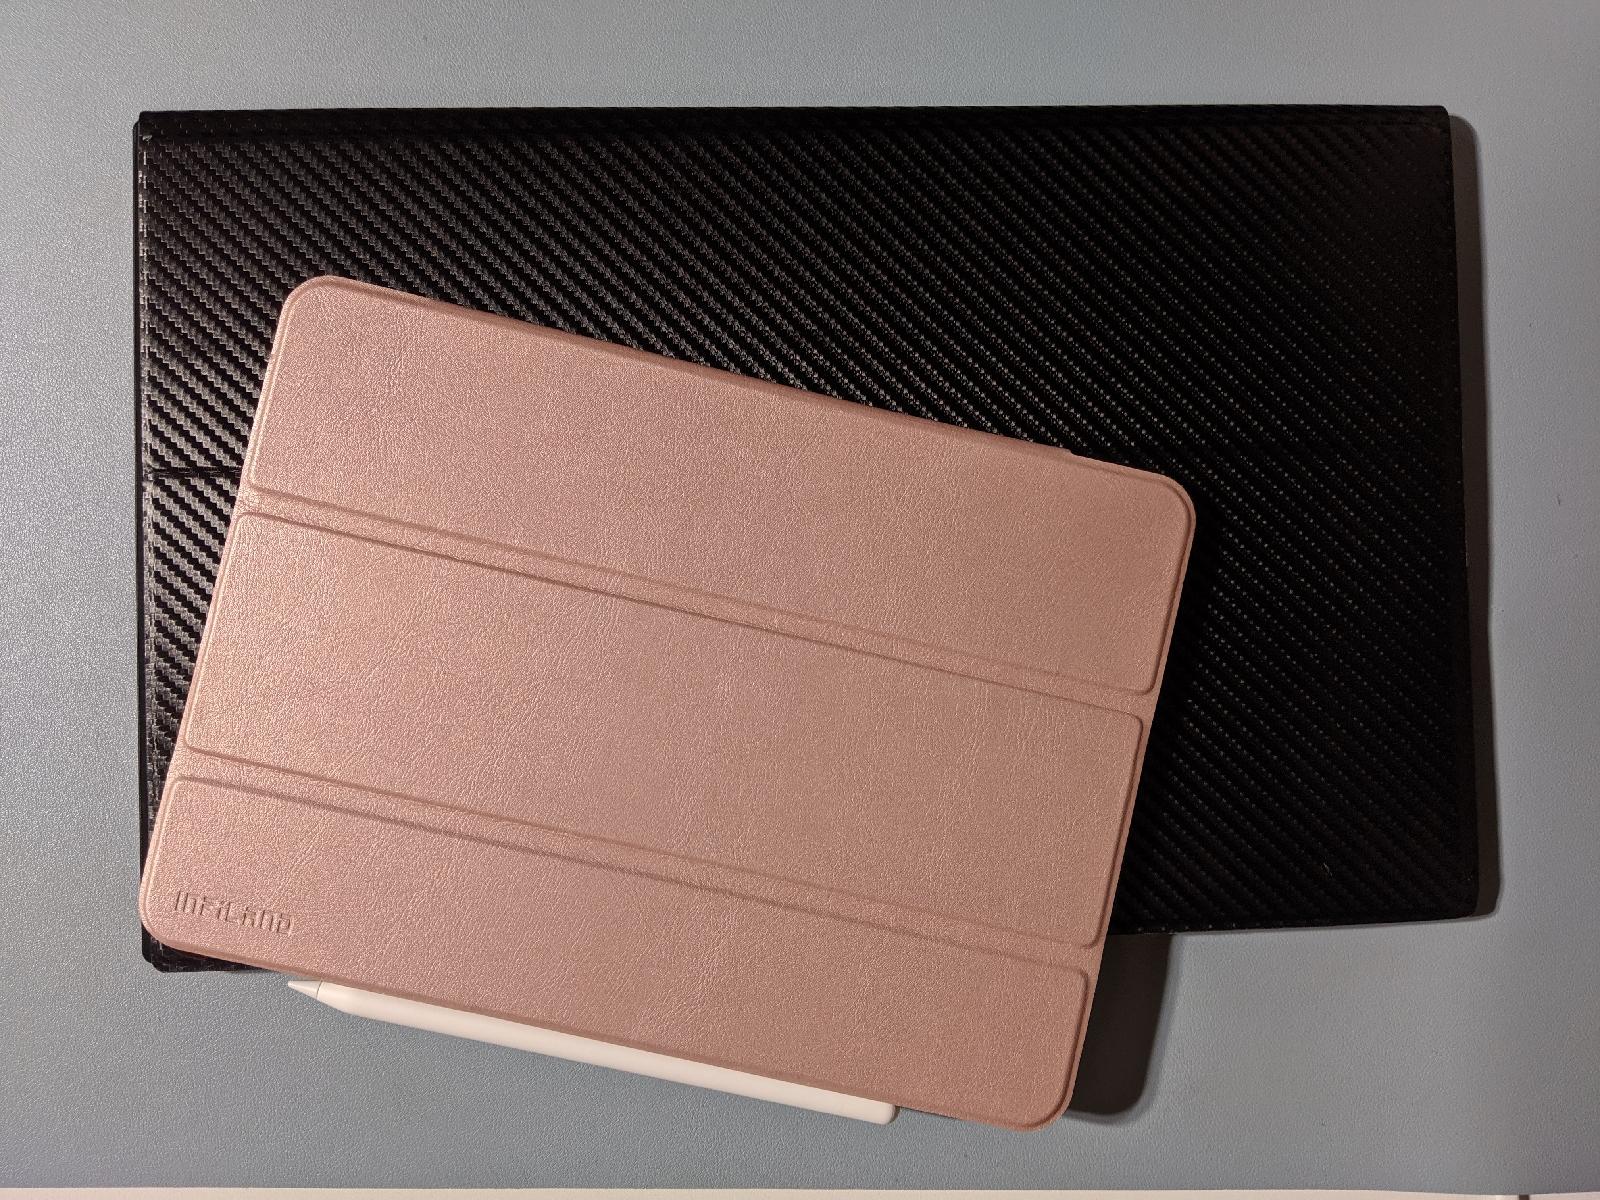 cocoparモバイルモニター写真 iPad Pro11と比較